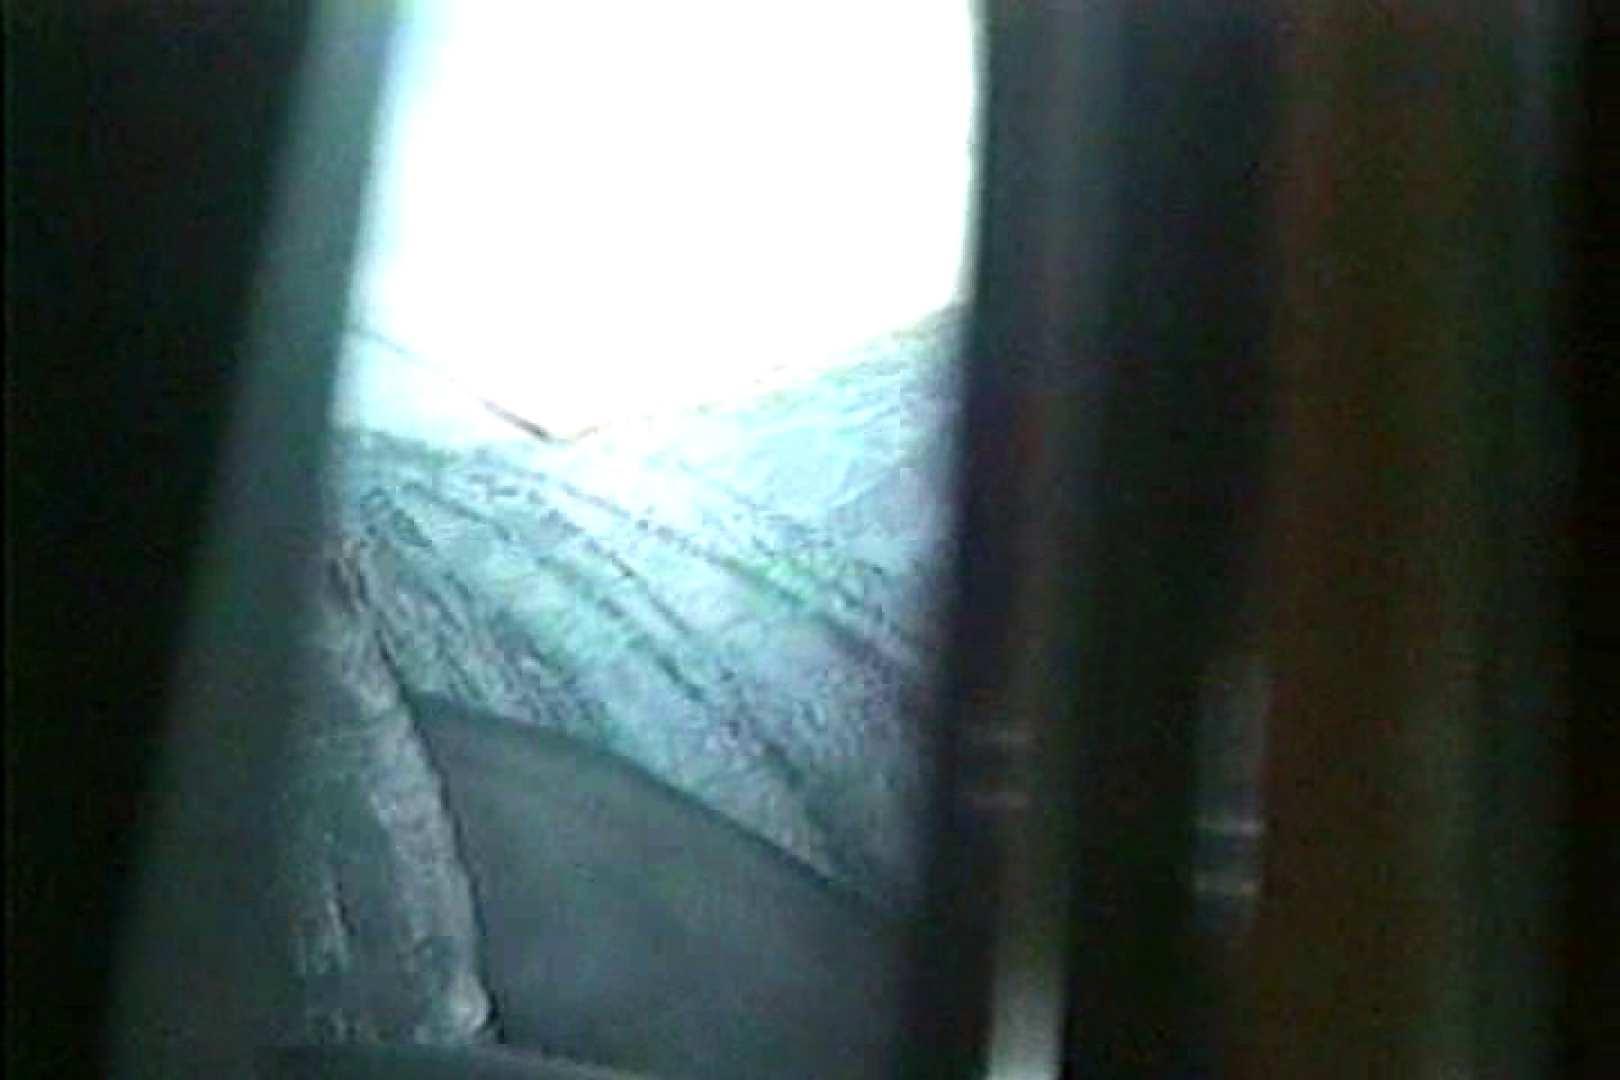 車の中はラブホテル 無修正版  Vol.6 ホテル AV無料動画キャプチャ 104pic 52